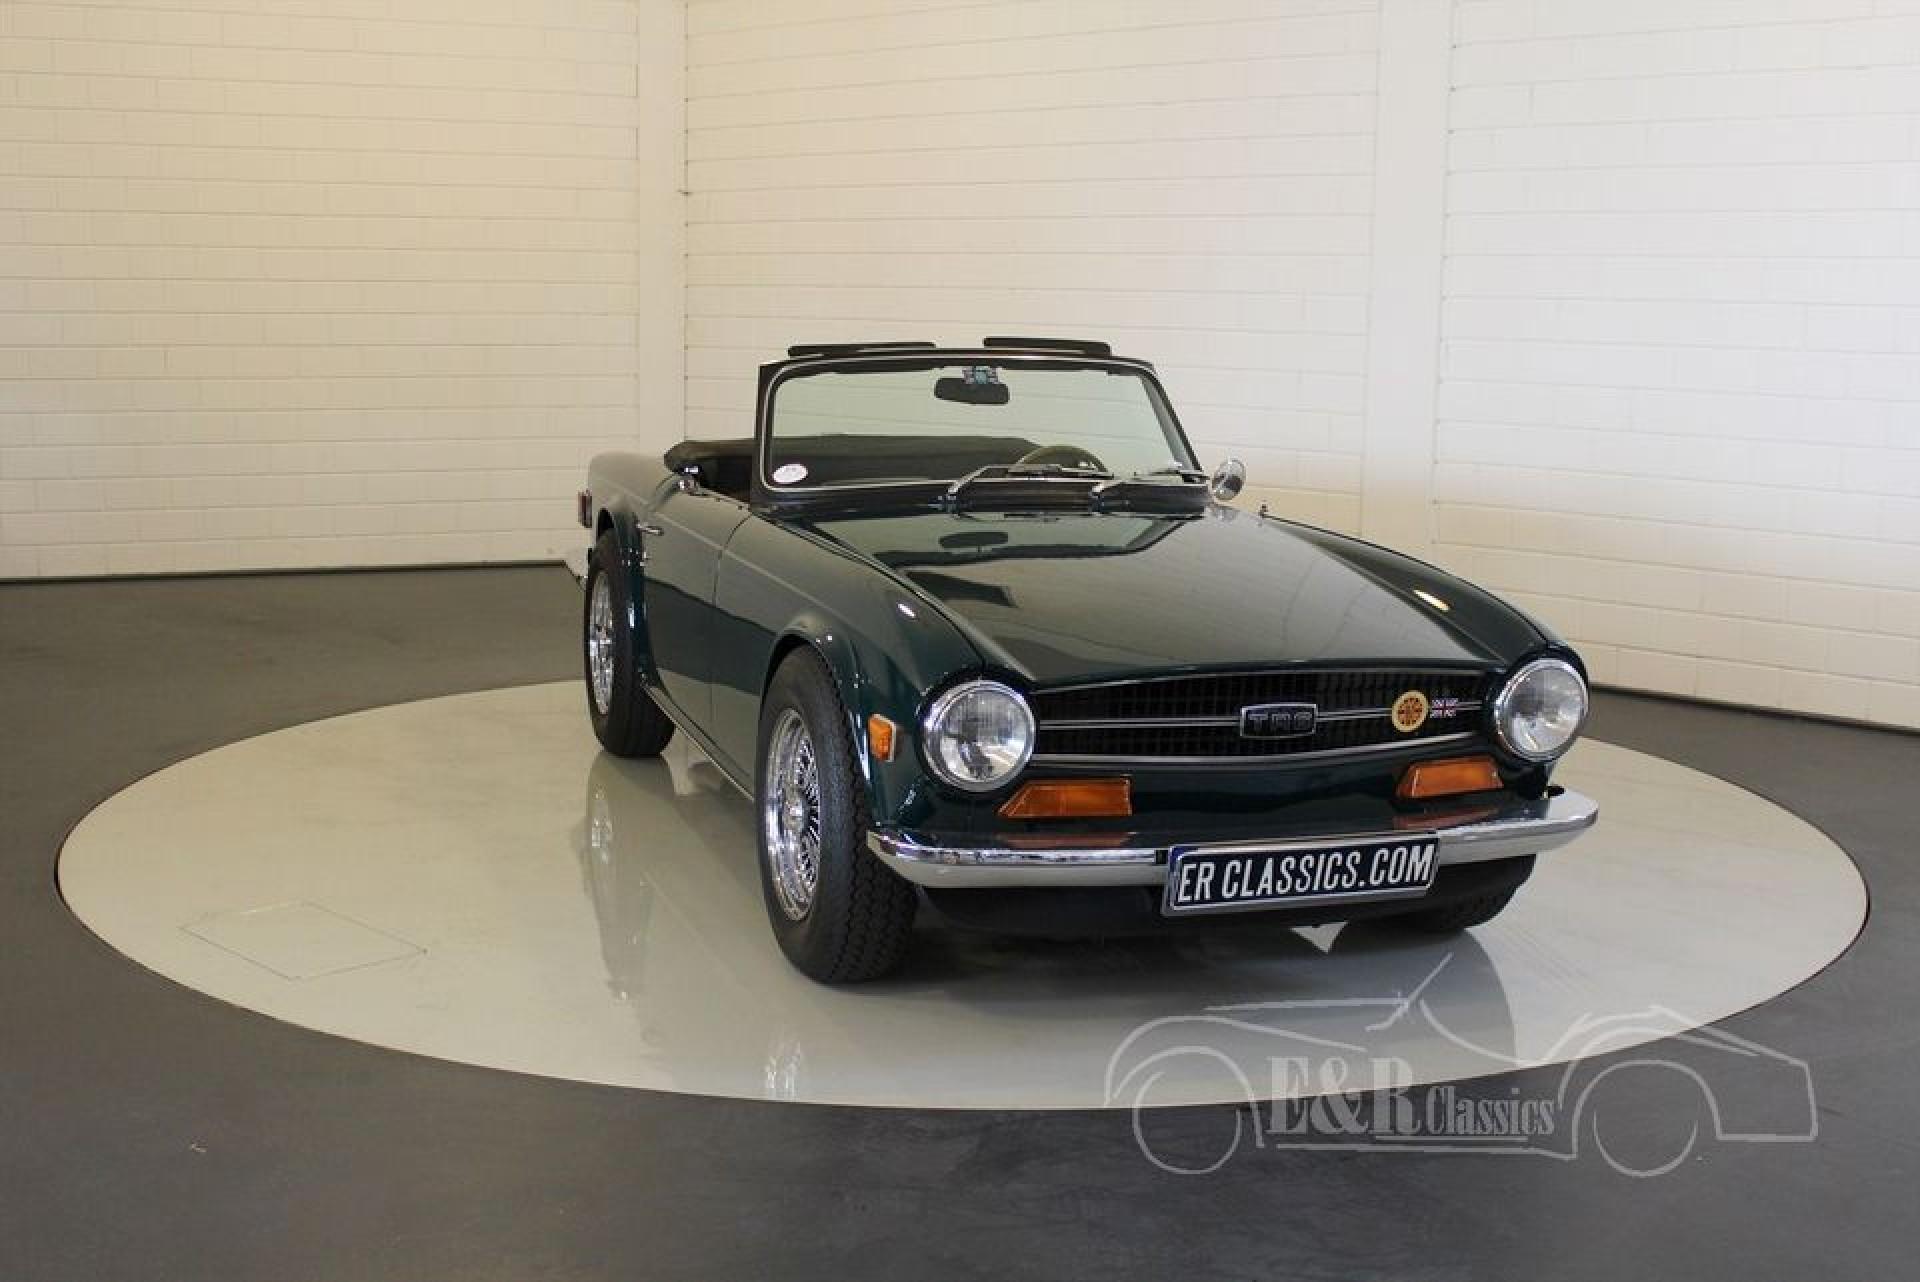 Triumph TR6 1973 for sale at ERclassics